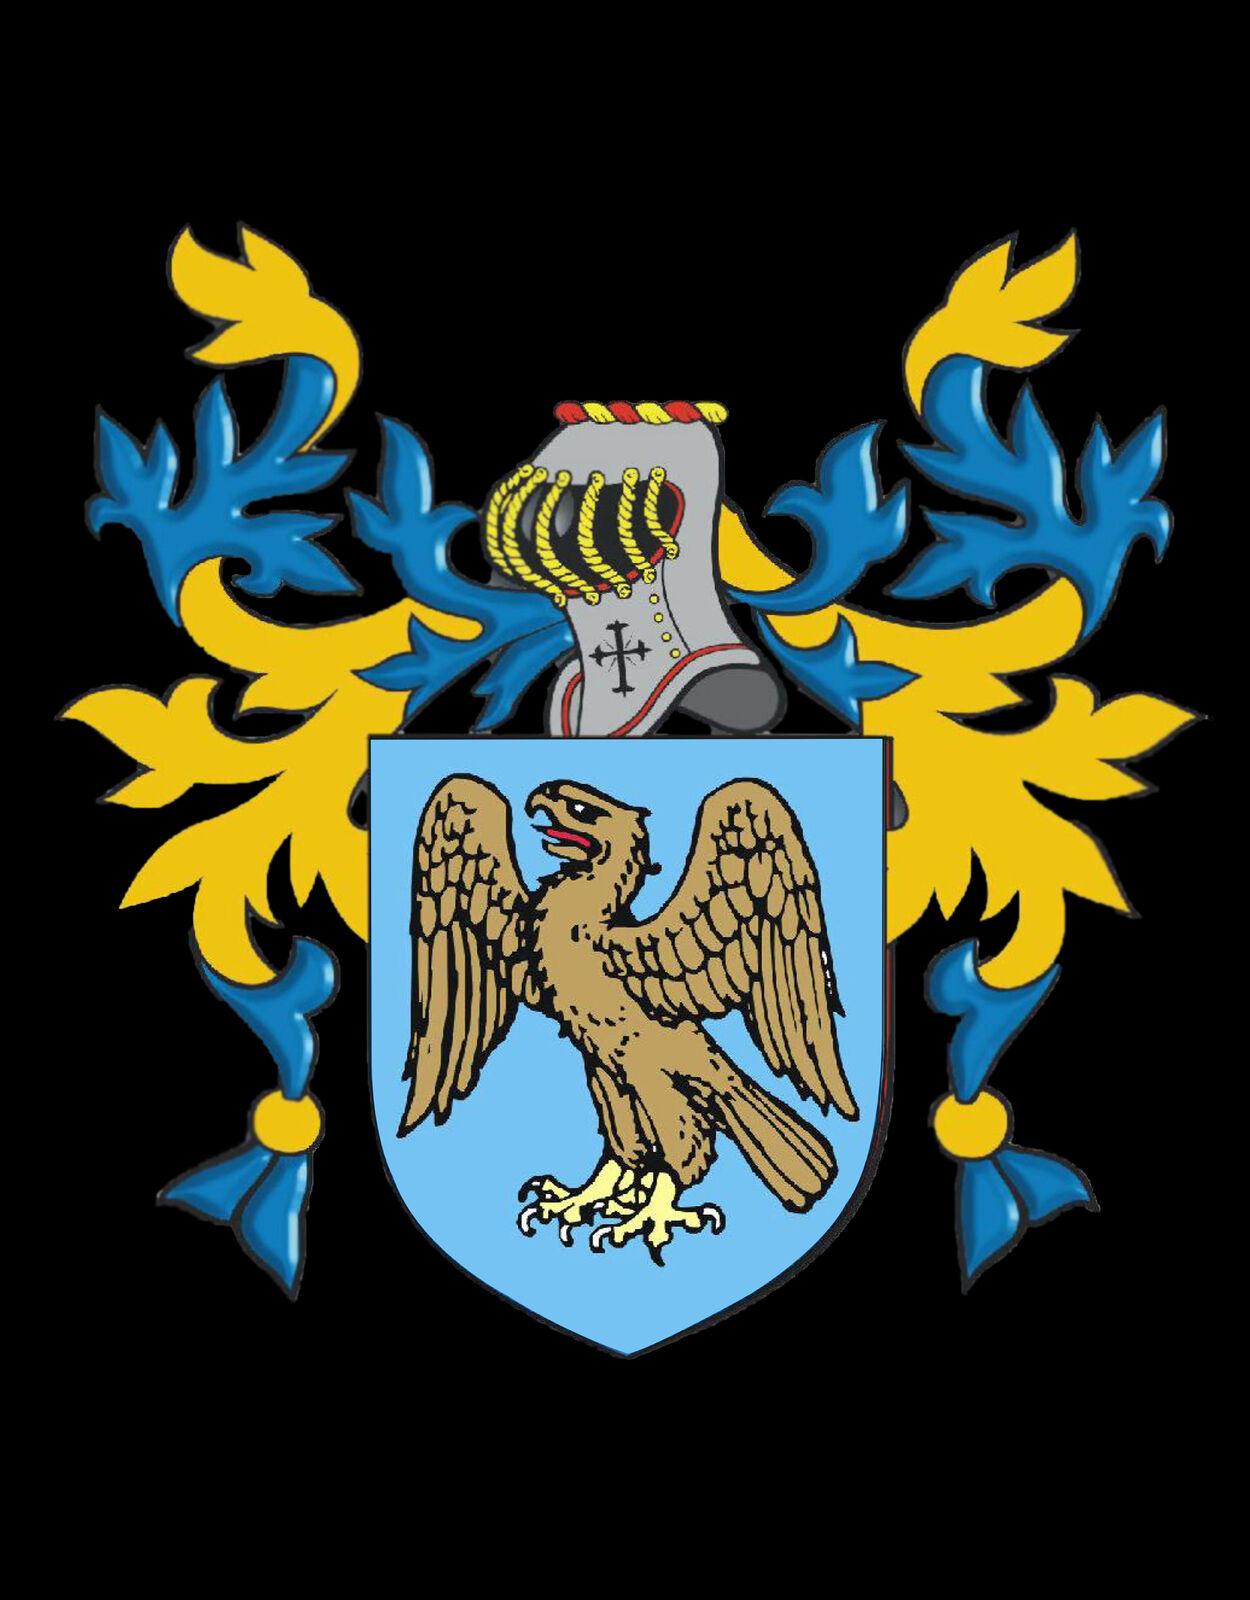 Marroneefield Inghiletrra Famiglia Stemma Cognome Gemelli Personalizzata Custodia Custodia Custodia c10ba4